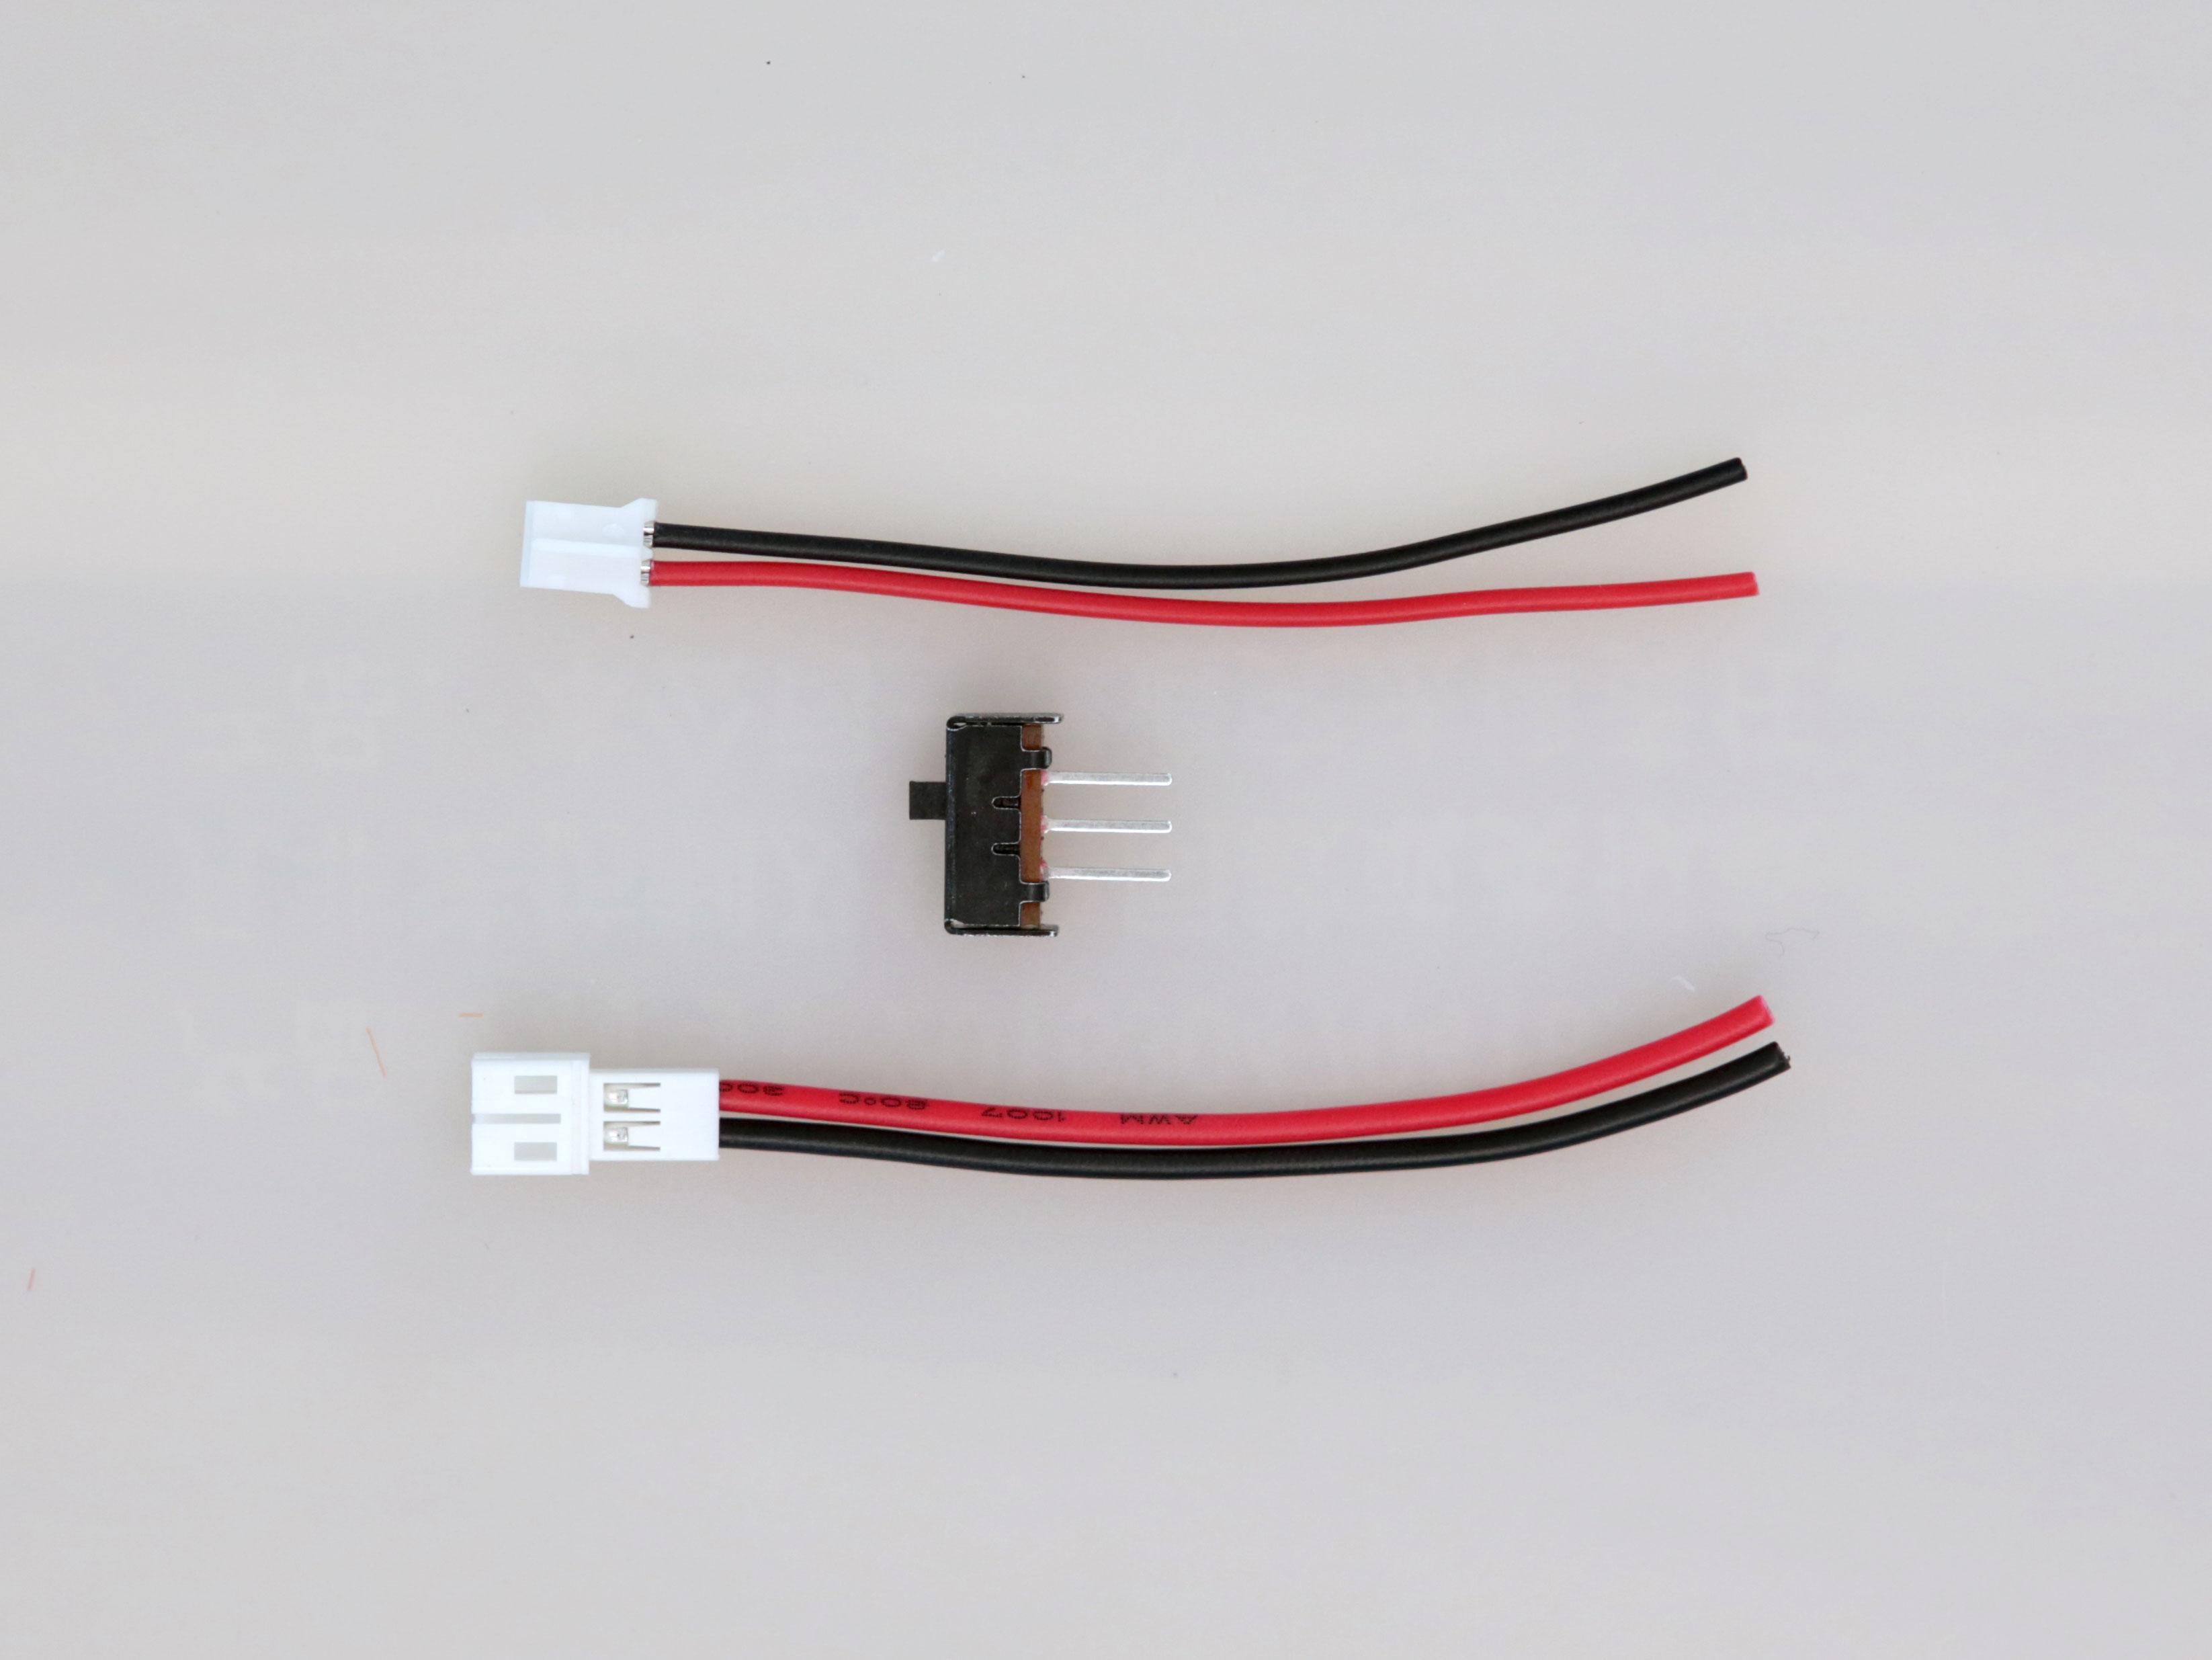 led_pixels_switch-jst-cables.jpg